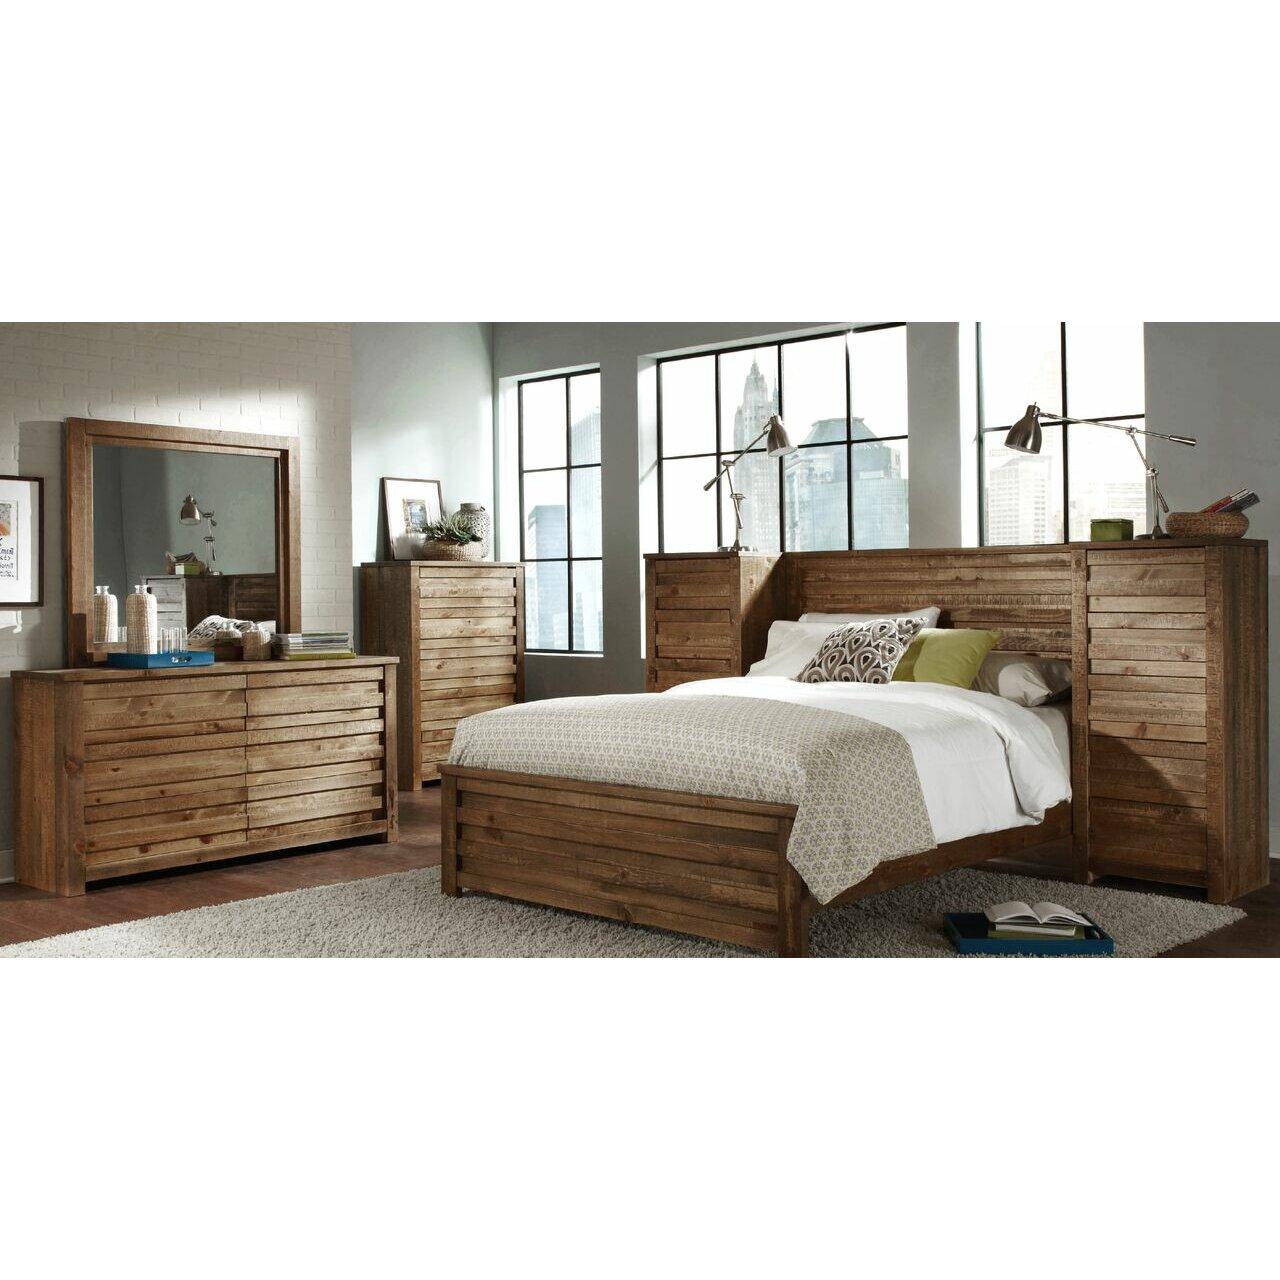 platform bedroom sets you'll love | wayfair